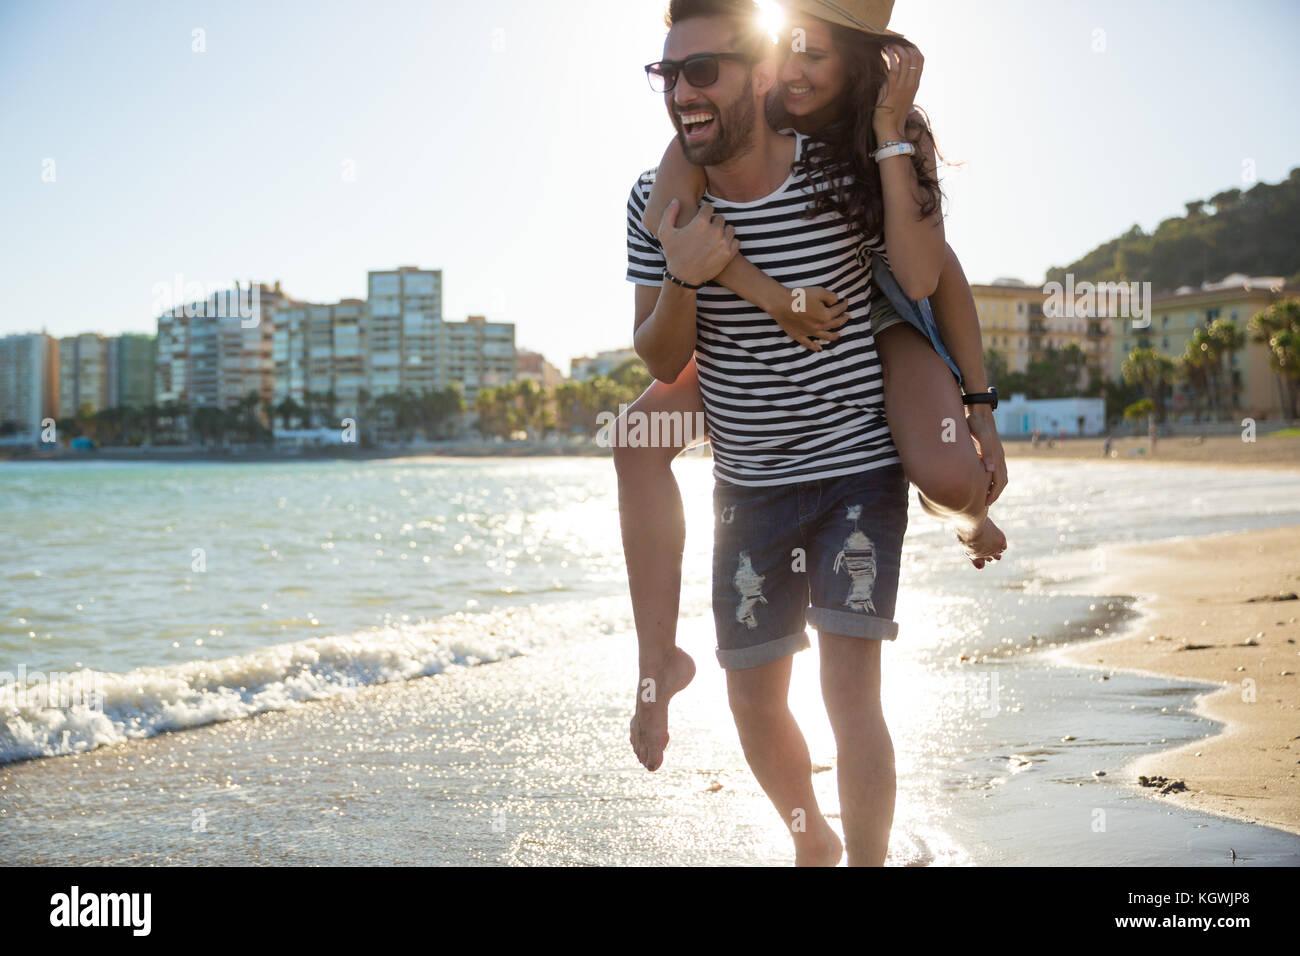 Portrait von glücklichen Mann, der seine Freundin ein huckepack Lachen Stockbild